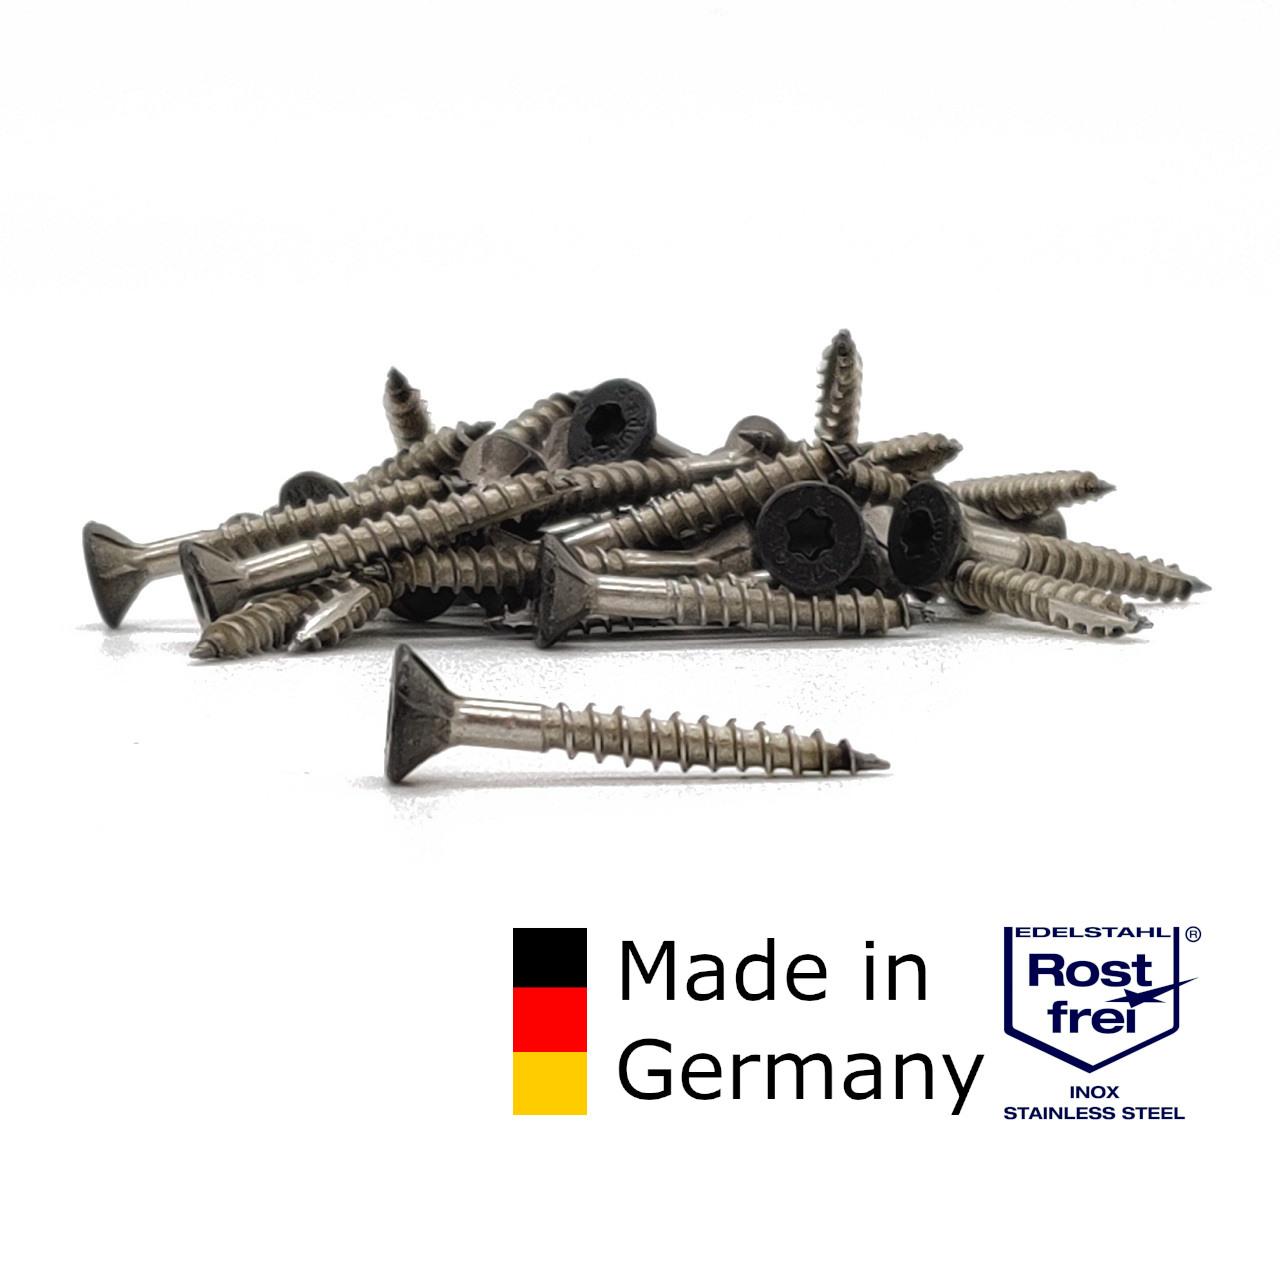 adunox Schieferschrauben | rostfrei A2 | gefärbt RAL 7016 | 4,0x32 | 500 Stk